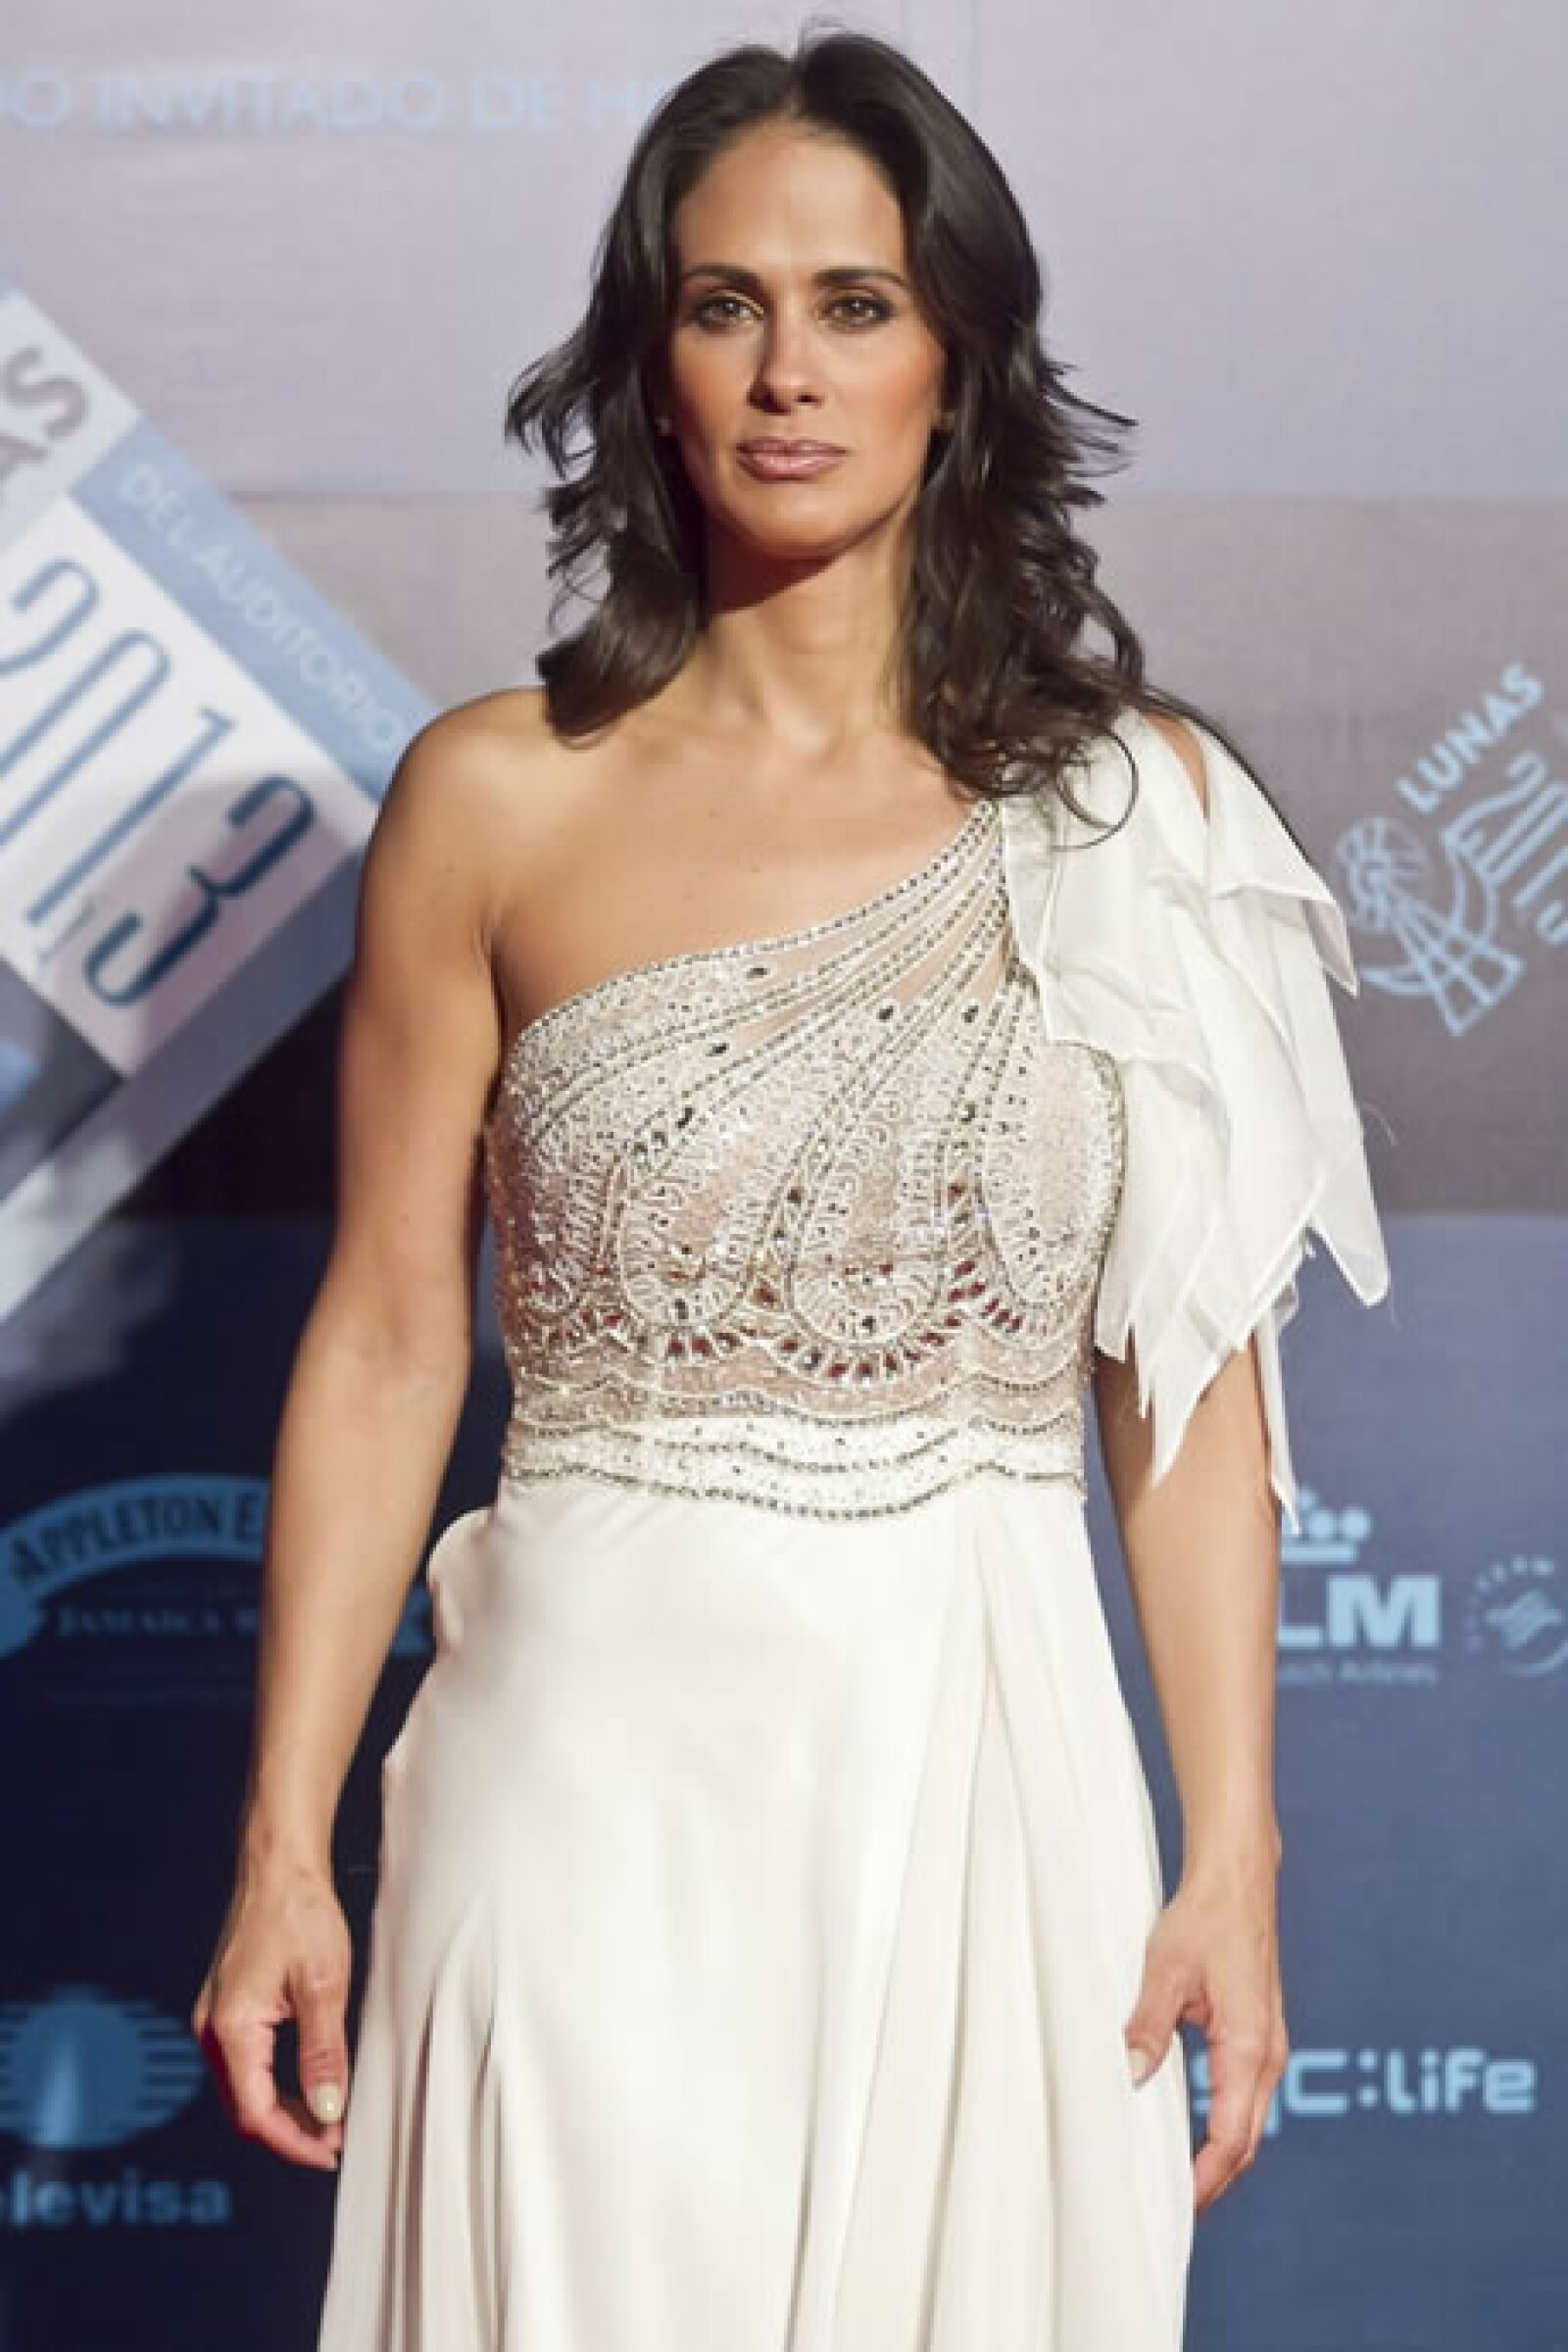 Ana La Salvia eligió para las Lunas del Auditorio un vestido asimétrico con aplicaciones y transparencia.